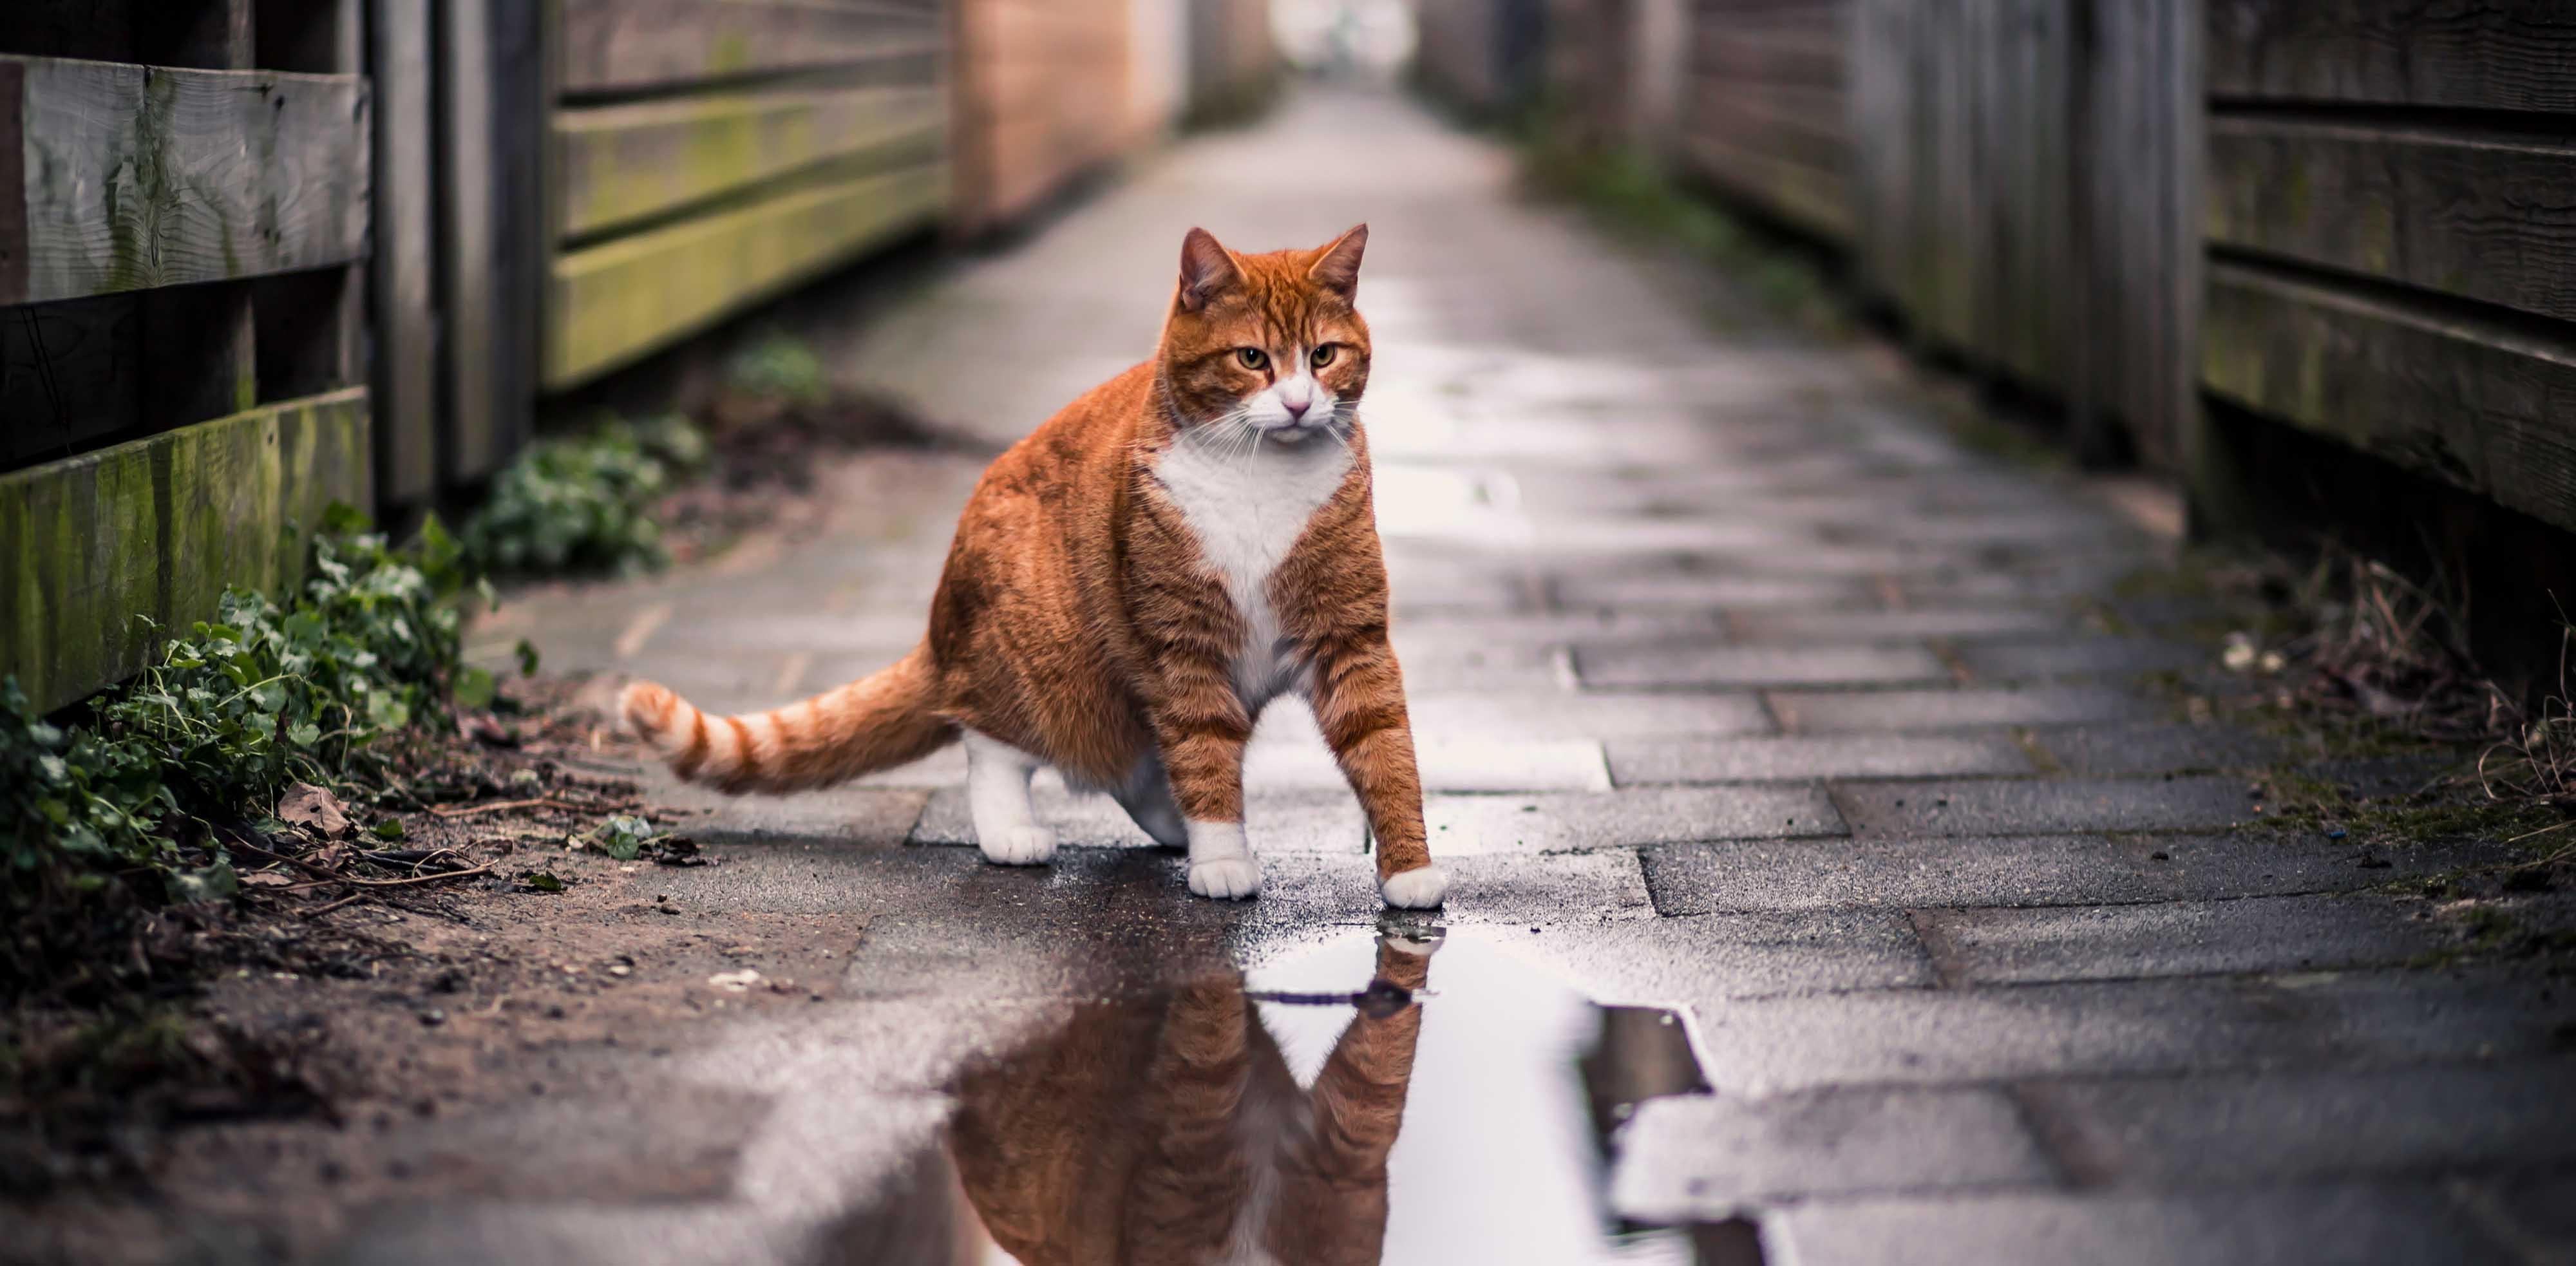 ginger cat alley